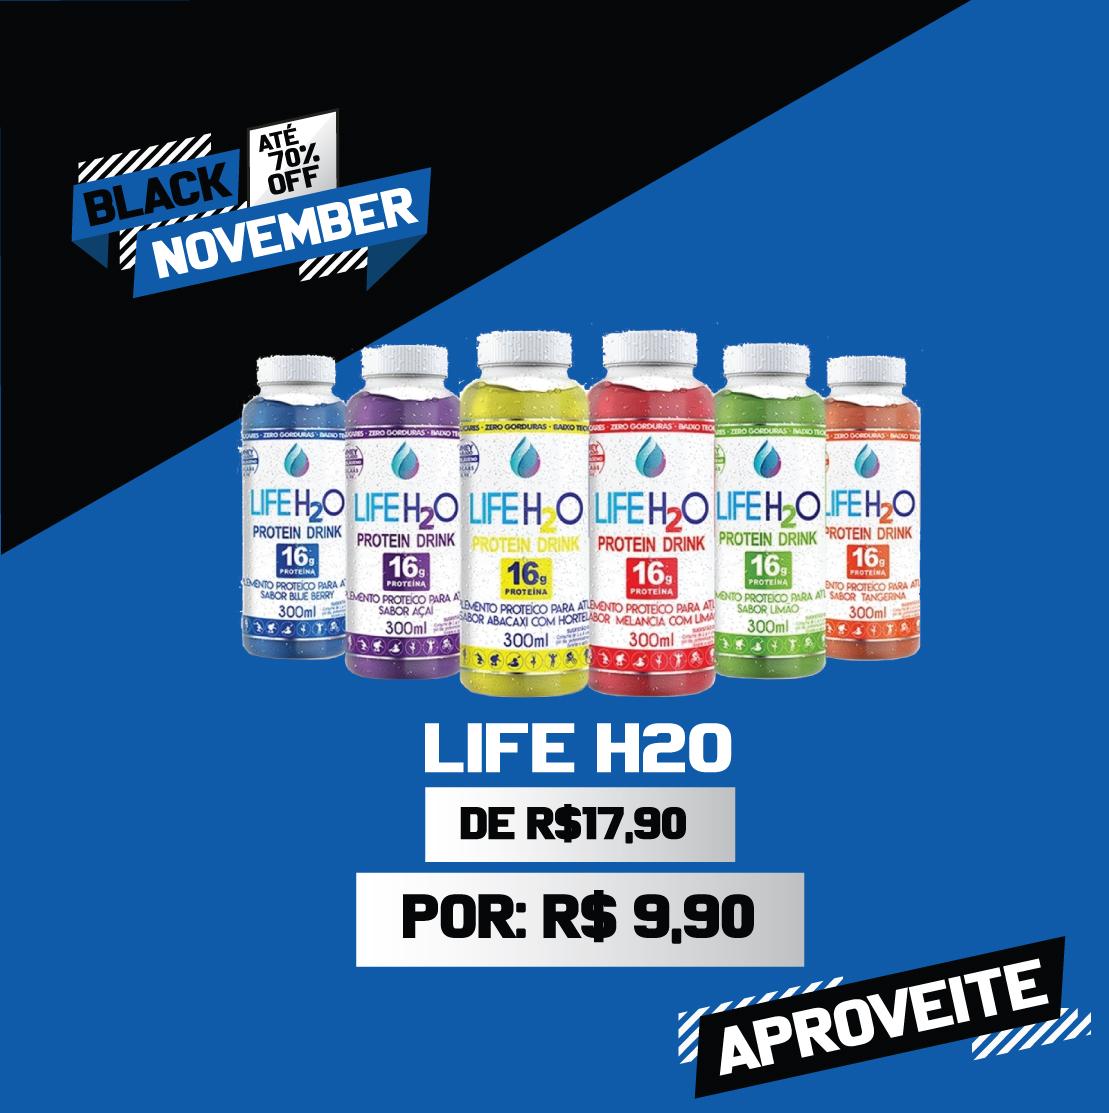 Life H20 - R$ 17,90 por R$ 9,90